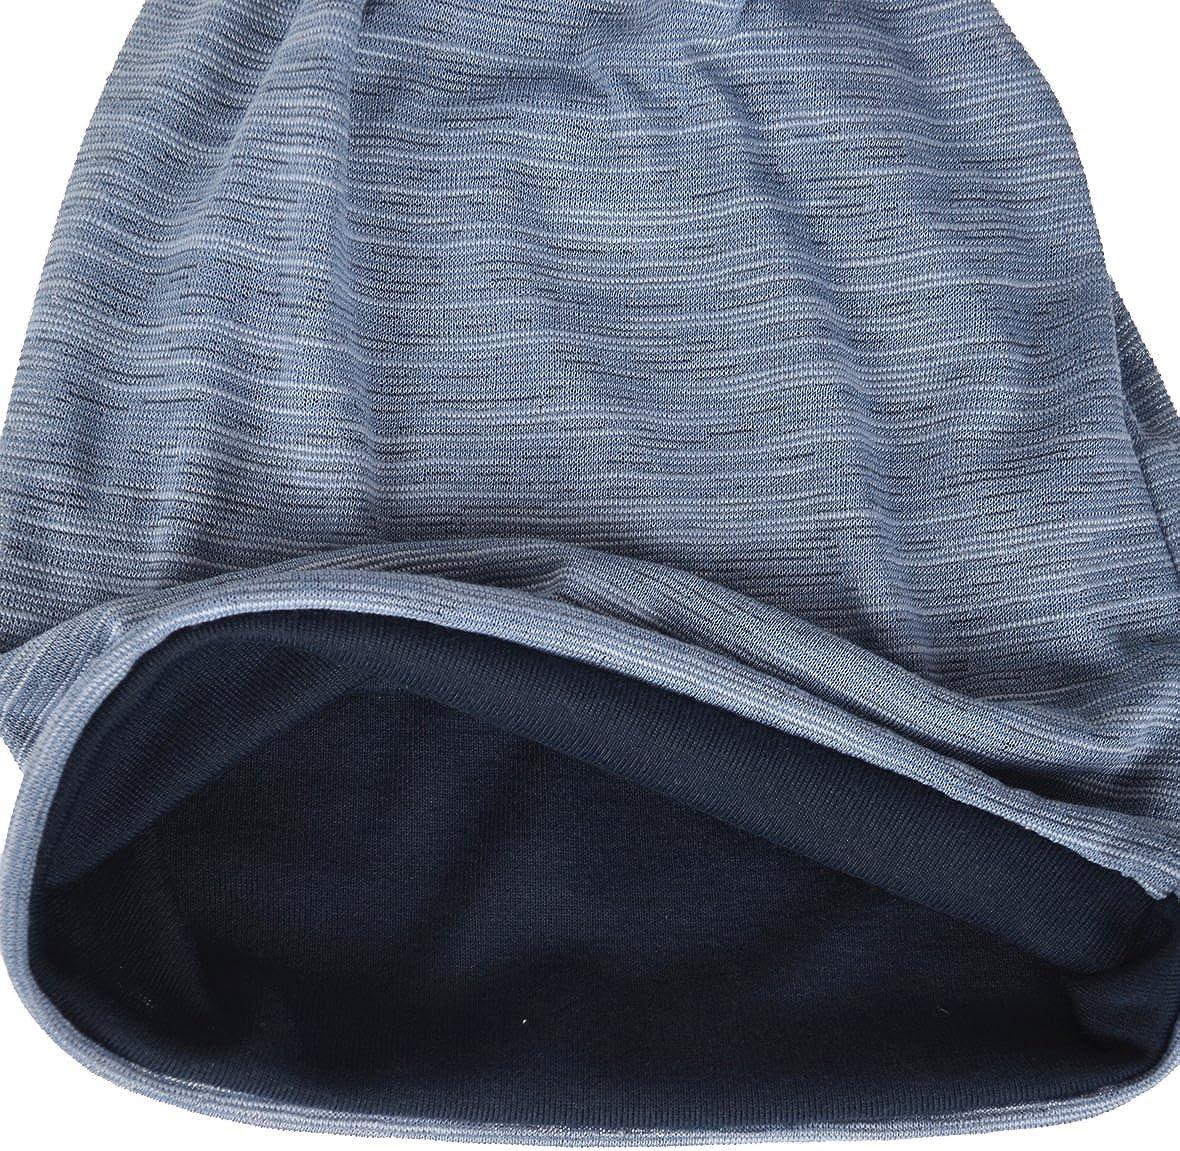 Moresave Fraeun Spitze Blumen Baumwolle Slouch M/ütze Hut Chemo Cap Stretch Turban Kopfbedeckungen